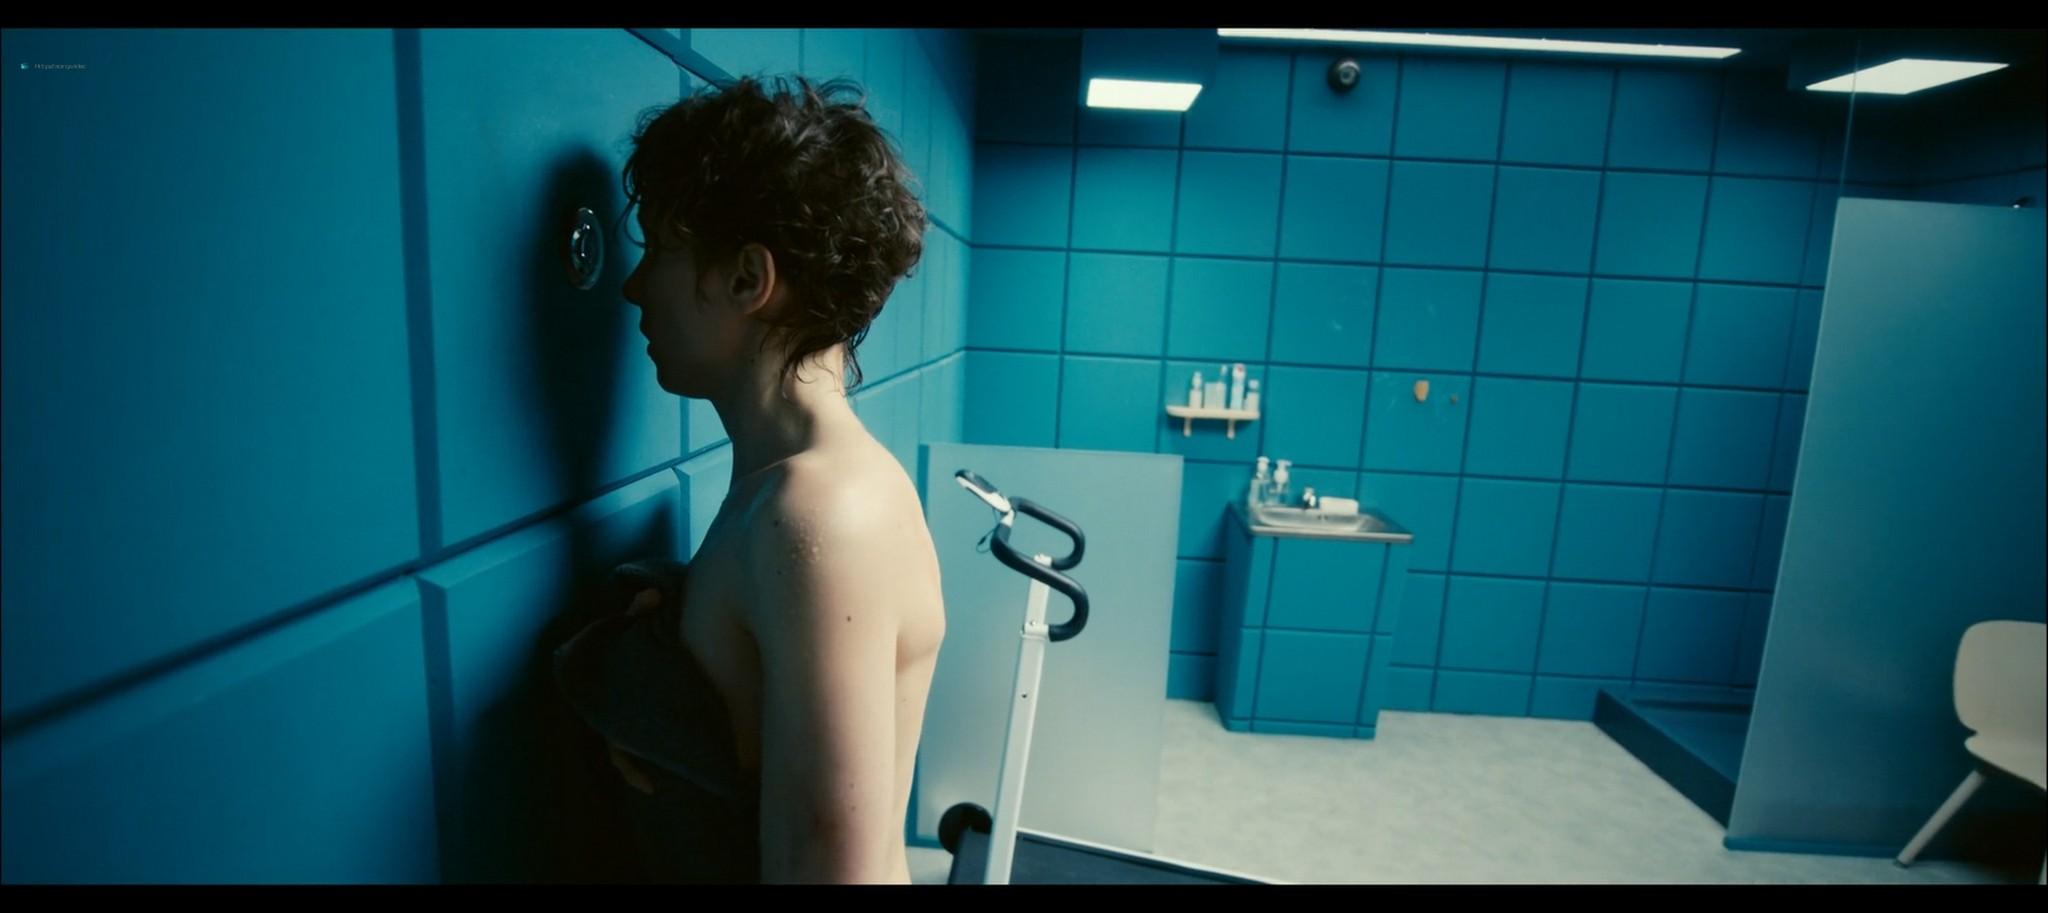 Julia Kijowska nude in the shower Fisheye PL 2020 1080p Web 6